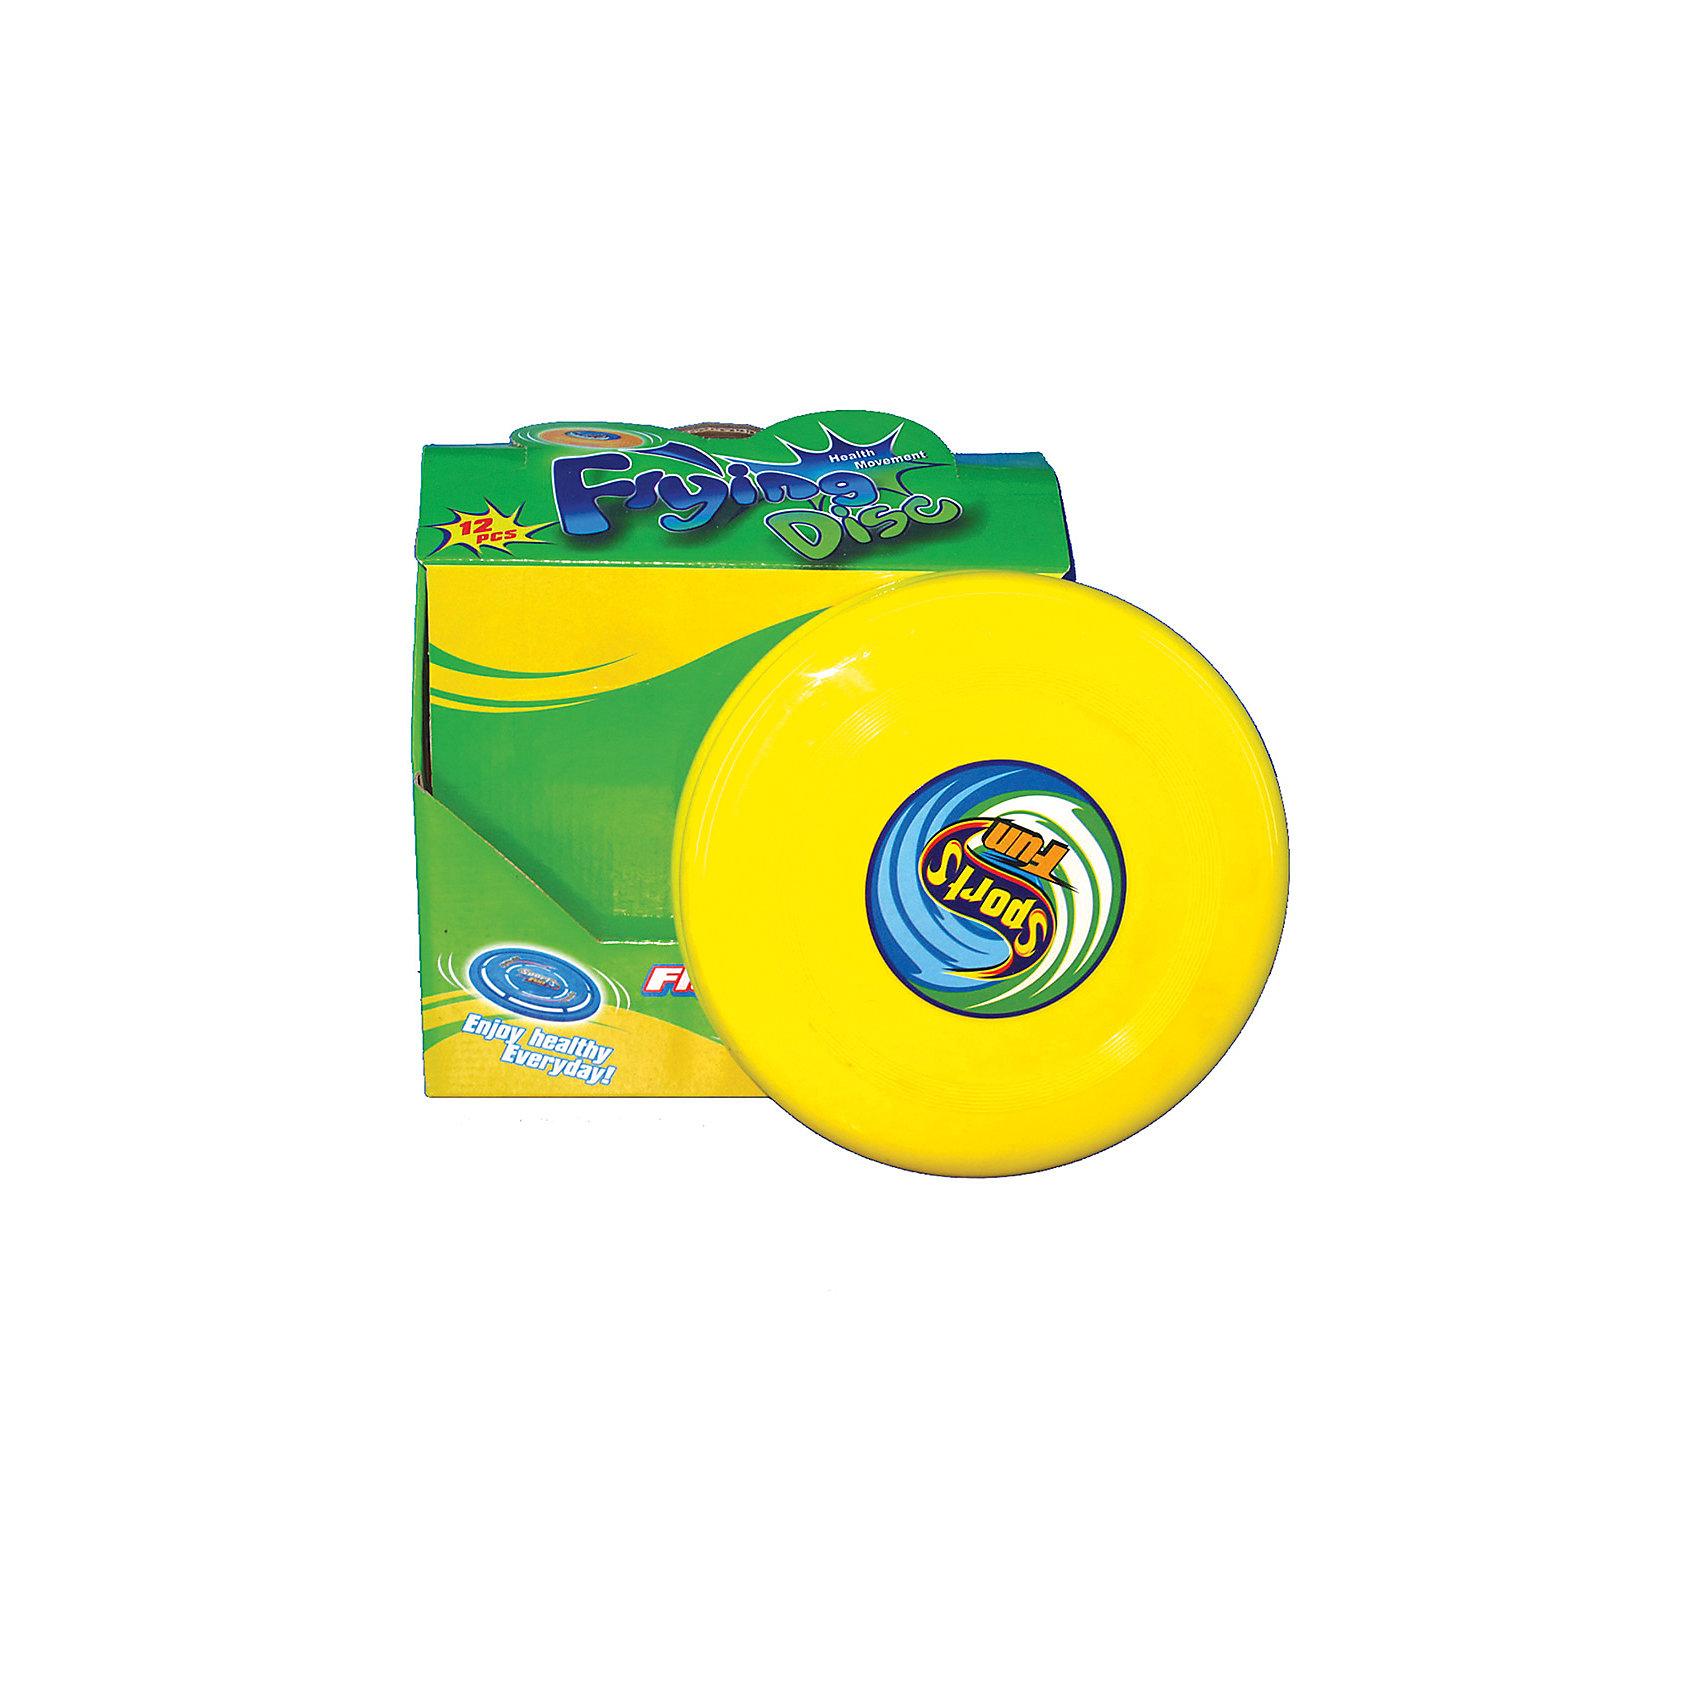 Летающая тарелка 22см, InSummerЛетающая тарелка изготовлена из прочного пластика. Она очень удобна в использовании и имеет яркую расцветку. Игры с этой тарелкой принесут ребенку море удовольствия!<br><br>Дополнительная информация:<br>Размер упаковки: 9,5х23,5х24 см<br>Вес: 50 грамм<br>Диаметр: 22 см<br>Летающую тарелку можно купить в нашем интернет-магазине.<br><br>Ширина мм: 240<br>Глубина мм: 2350<br>Высота мм: 95<br>Вес г: 50<br>Возраст от месяцев: 36<br>Возраст до месяцев: 192<br>Пол: Унисекс<br>Возраст: Детский<br>SKU: 4753600